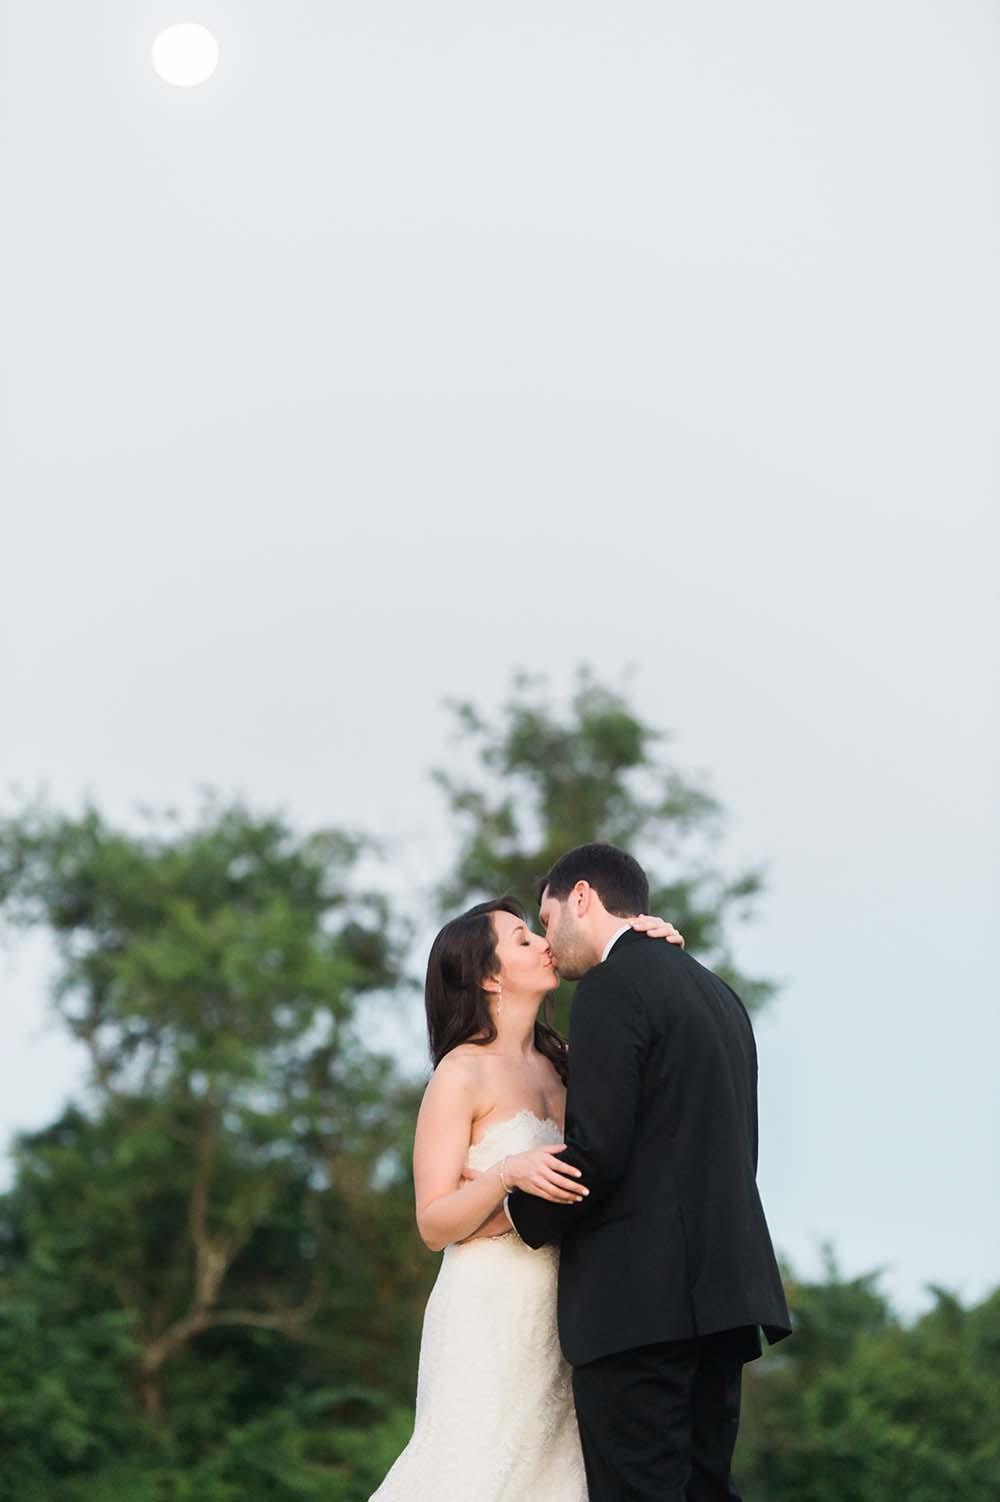 farmington-gardens-wedding-greg-lewis-photography-45